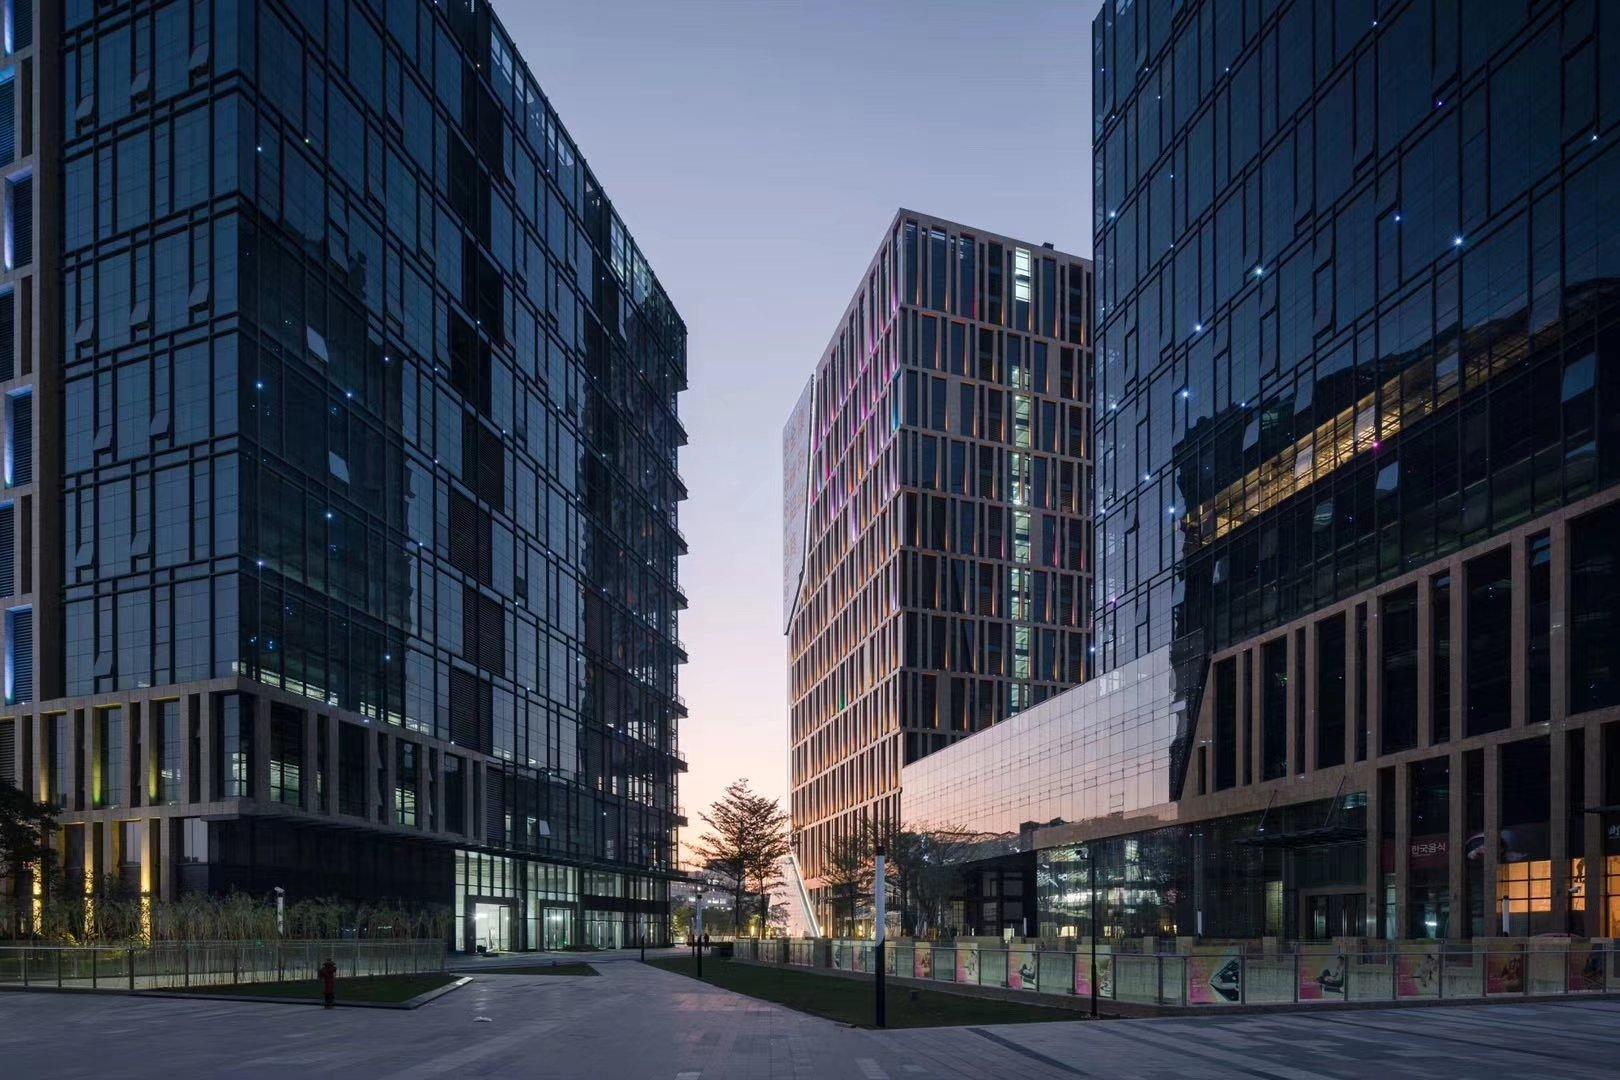 深圳市龙华新出建厂房独门独院2万平独栋,最低1000平起售